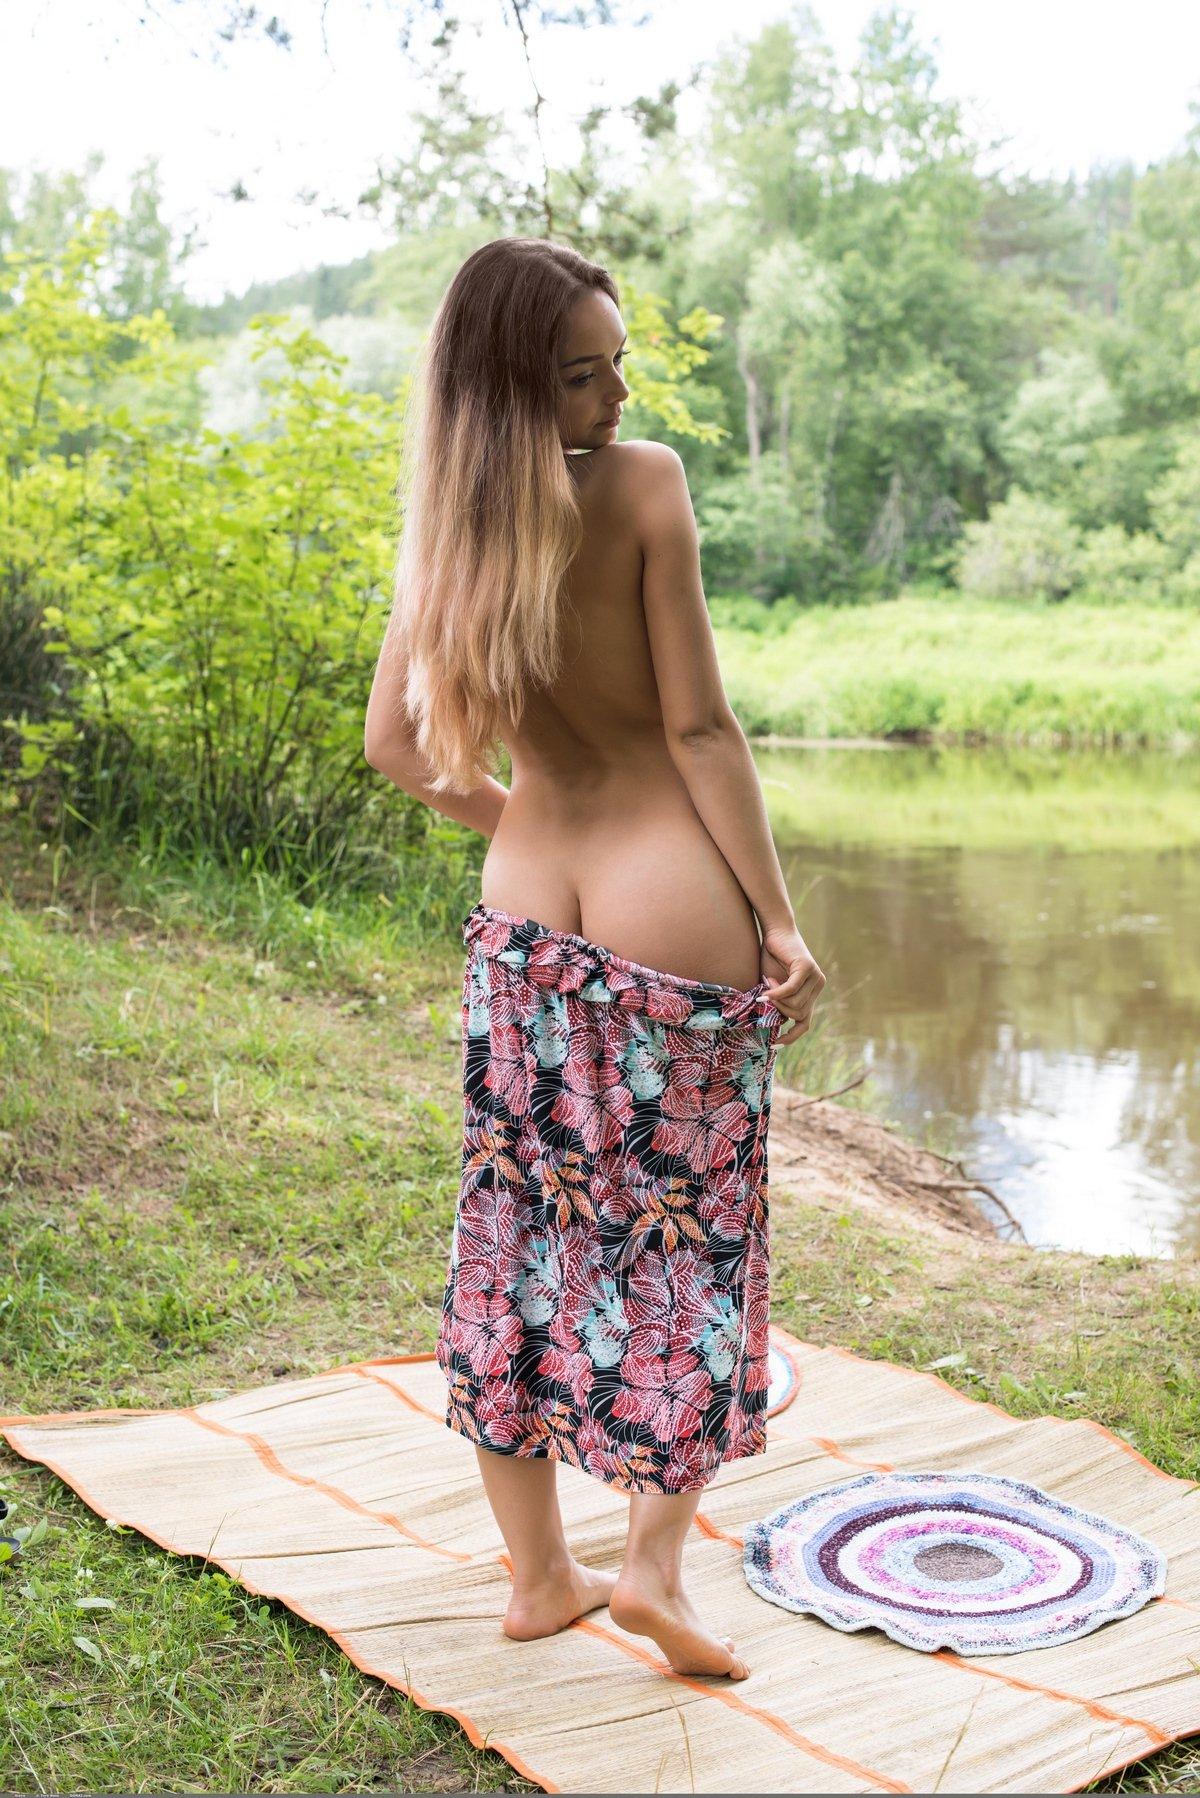 Загорелая мадам возле пруда без стрингов